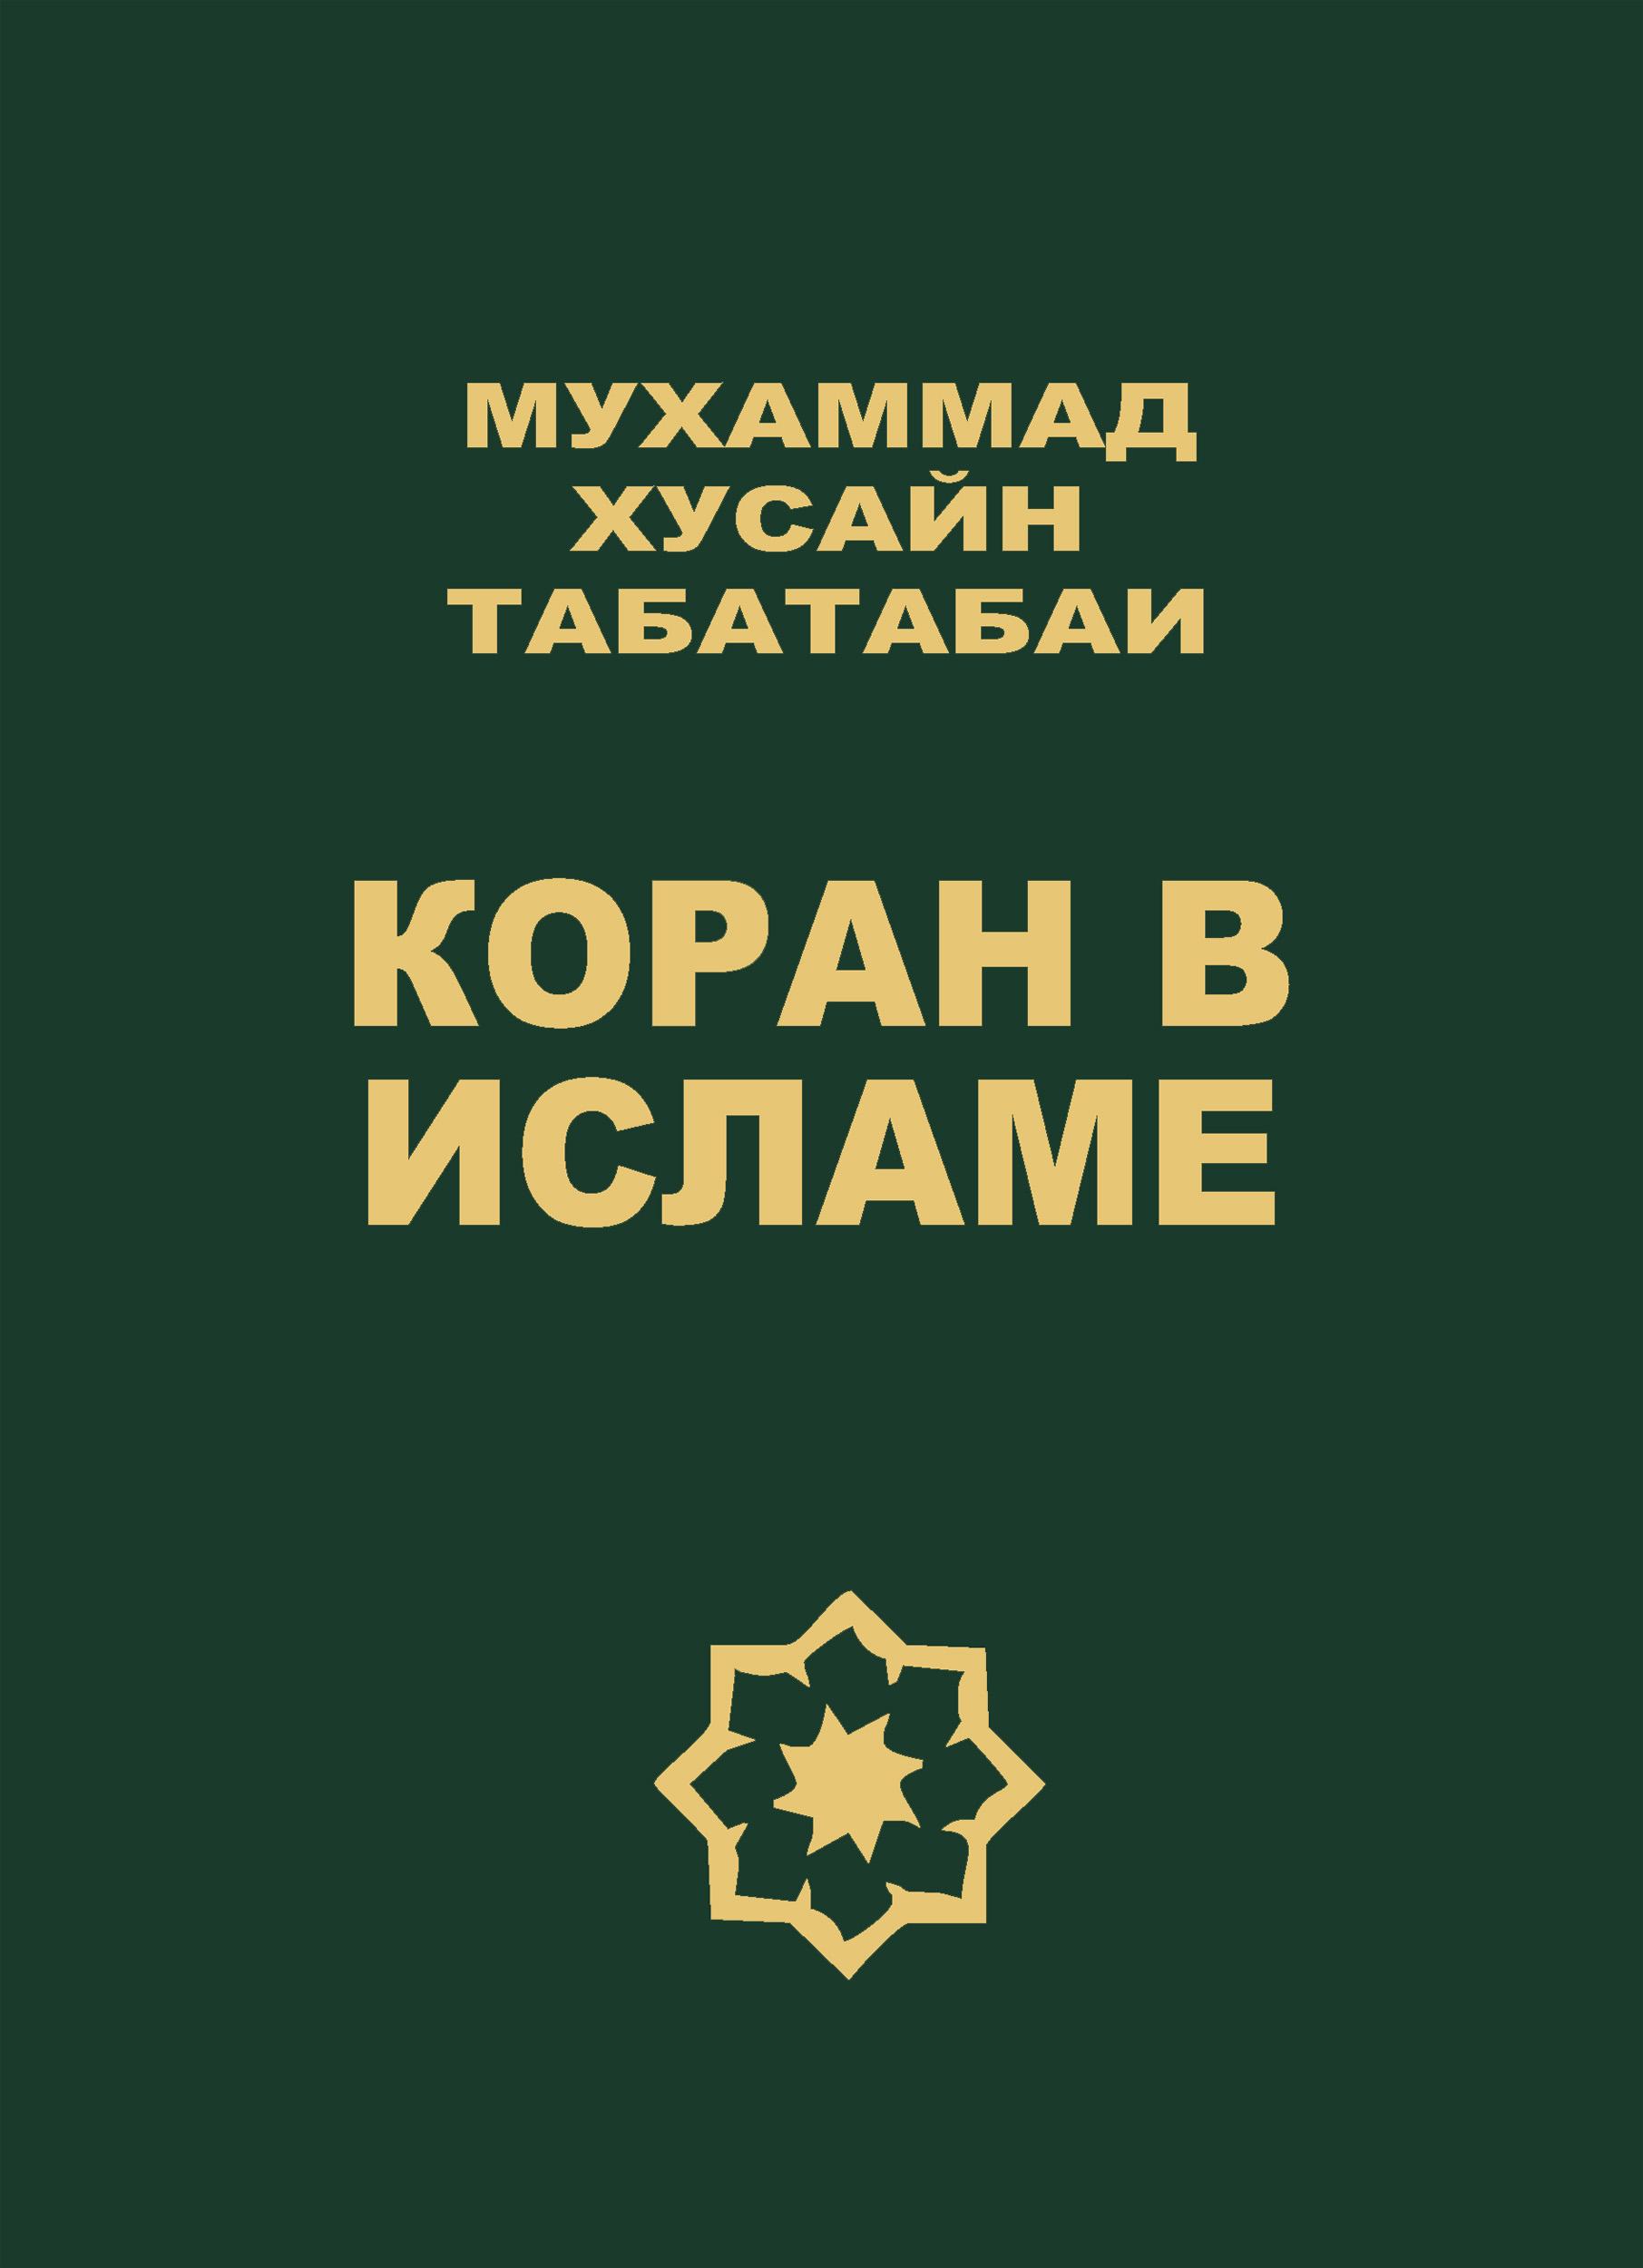 Мухаммад Хусайн Табатабаи Коран в исламе